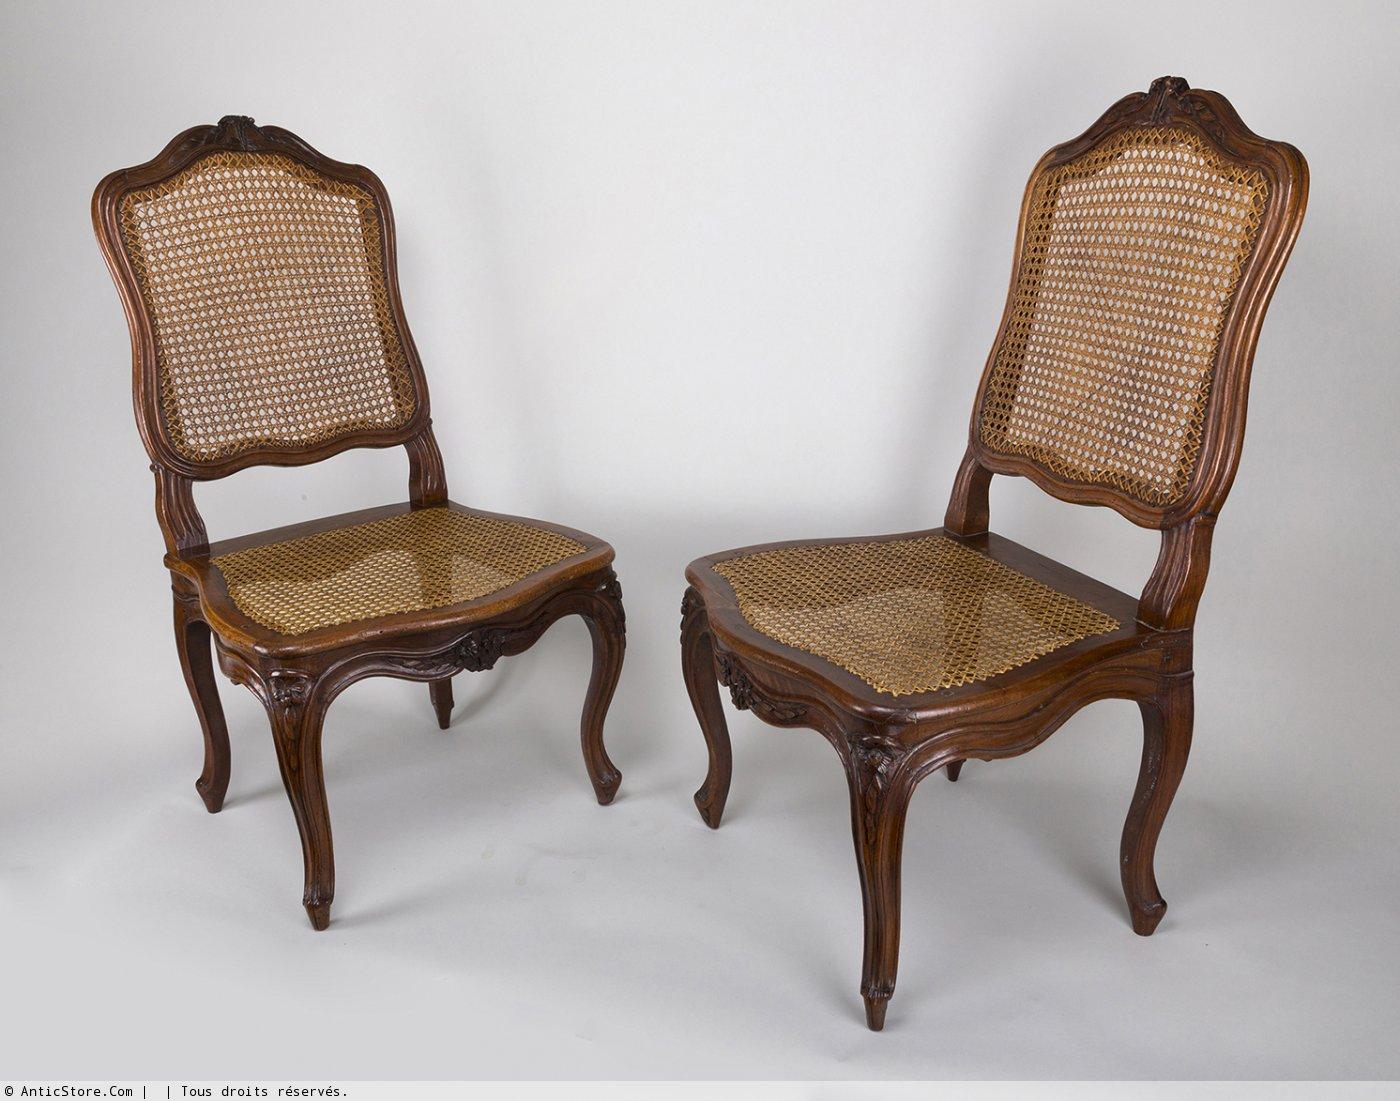 chaise louis xv antiquit s sur anticstore. Black Bedroom Furniture Sets. Home Design Ideas